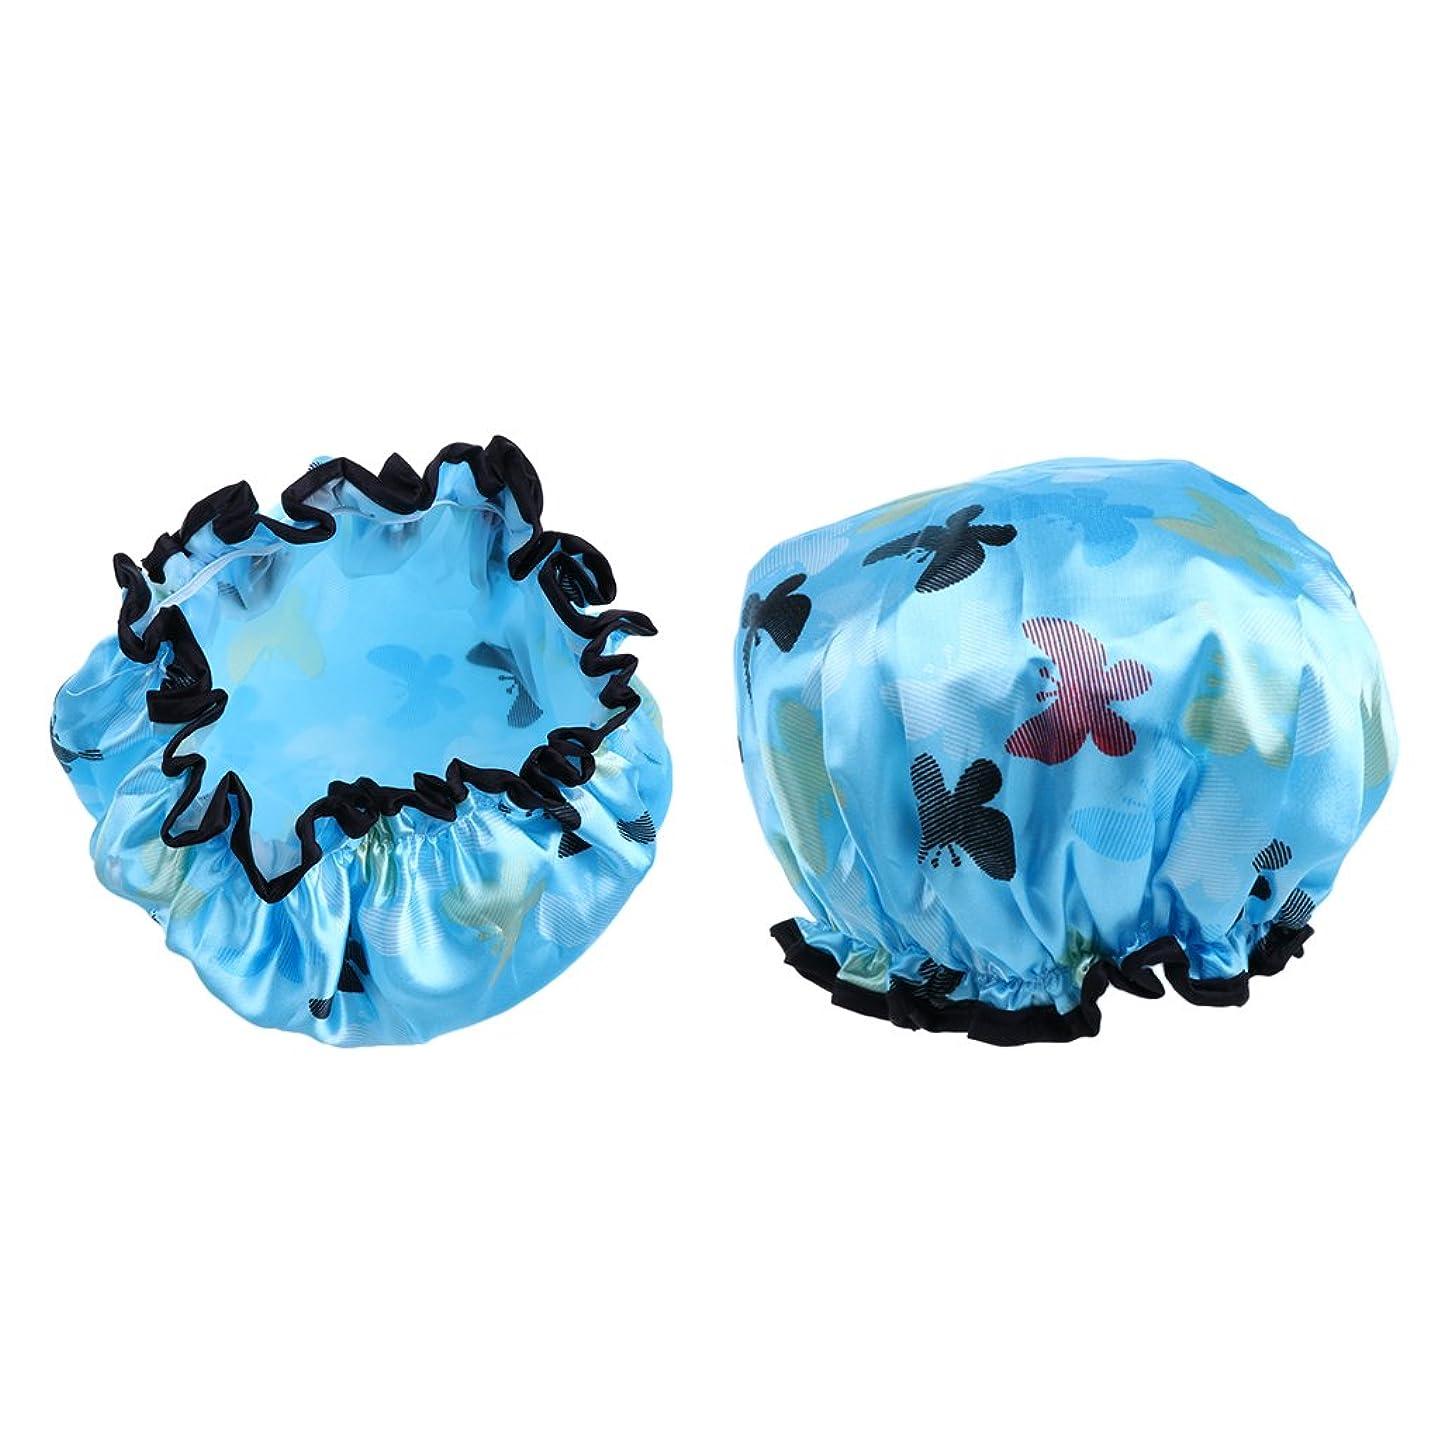 流出スキーム絞る2個 シャワーキャップ 女性 防水 再利用可 シャワー キャップ バス帽子 7色選べる - ライトブルー